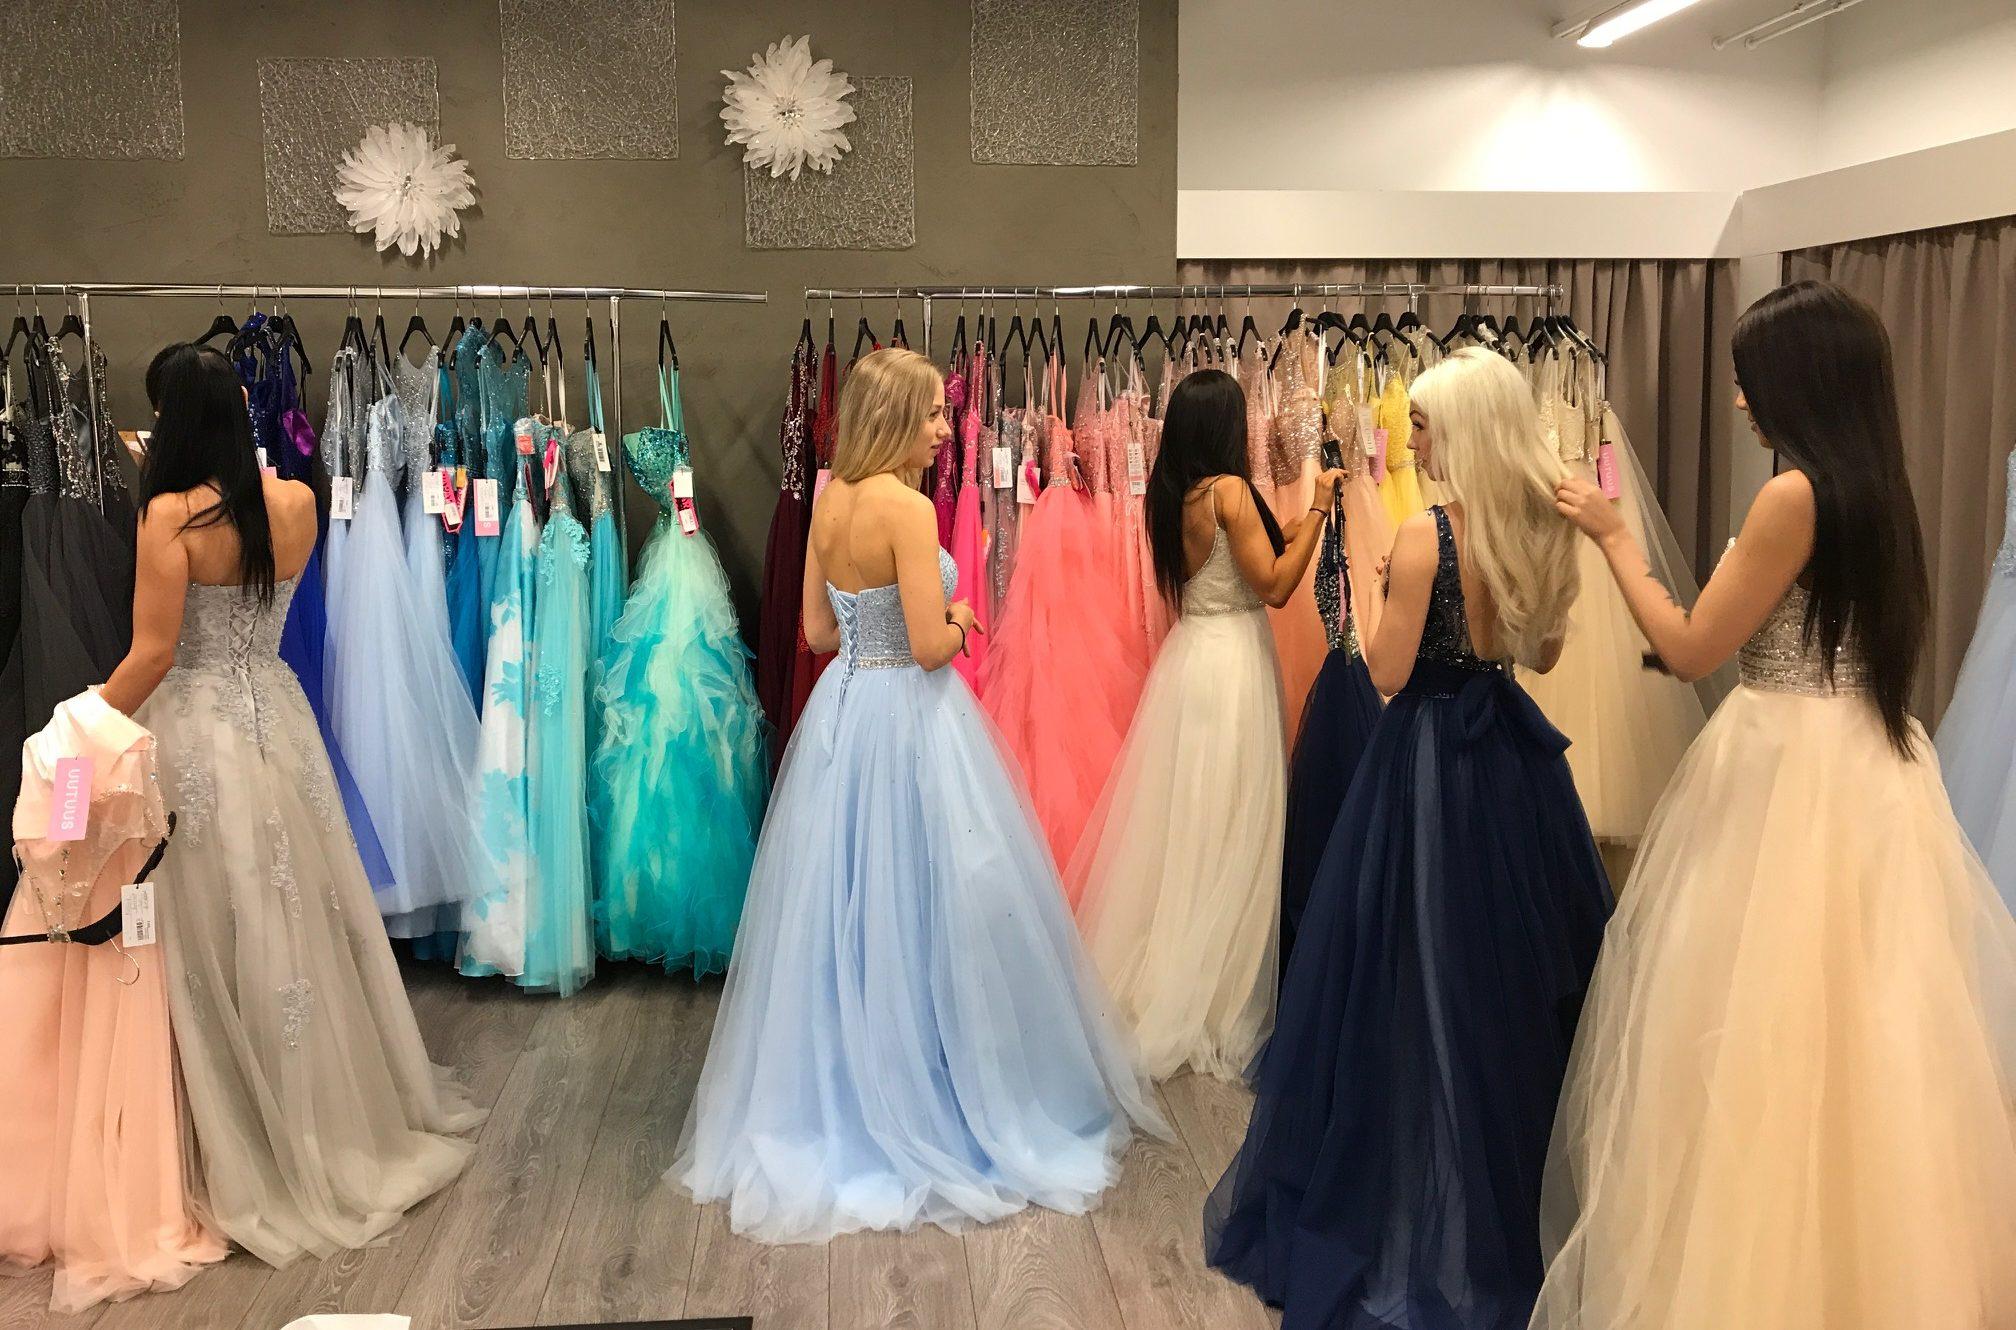 Mariella, 18, myy ja välittää käytettyjä ja käyttämättömiä vanhojen mekkoja - perusti sitä varten yrityksen